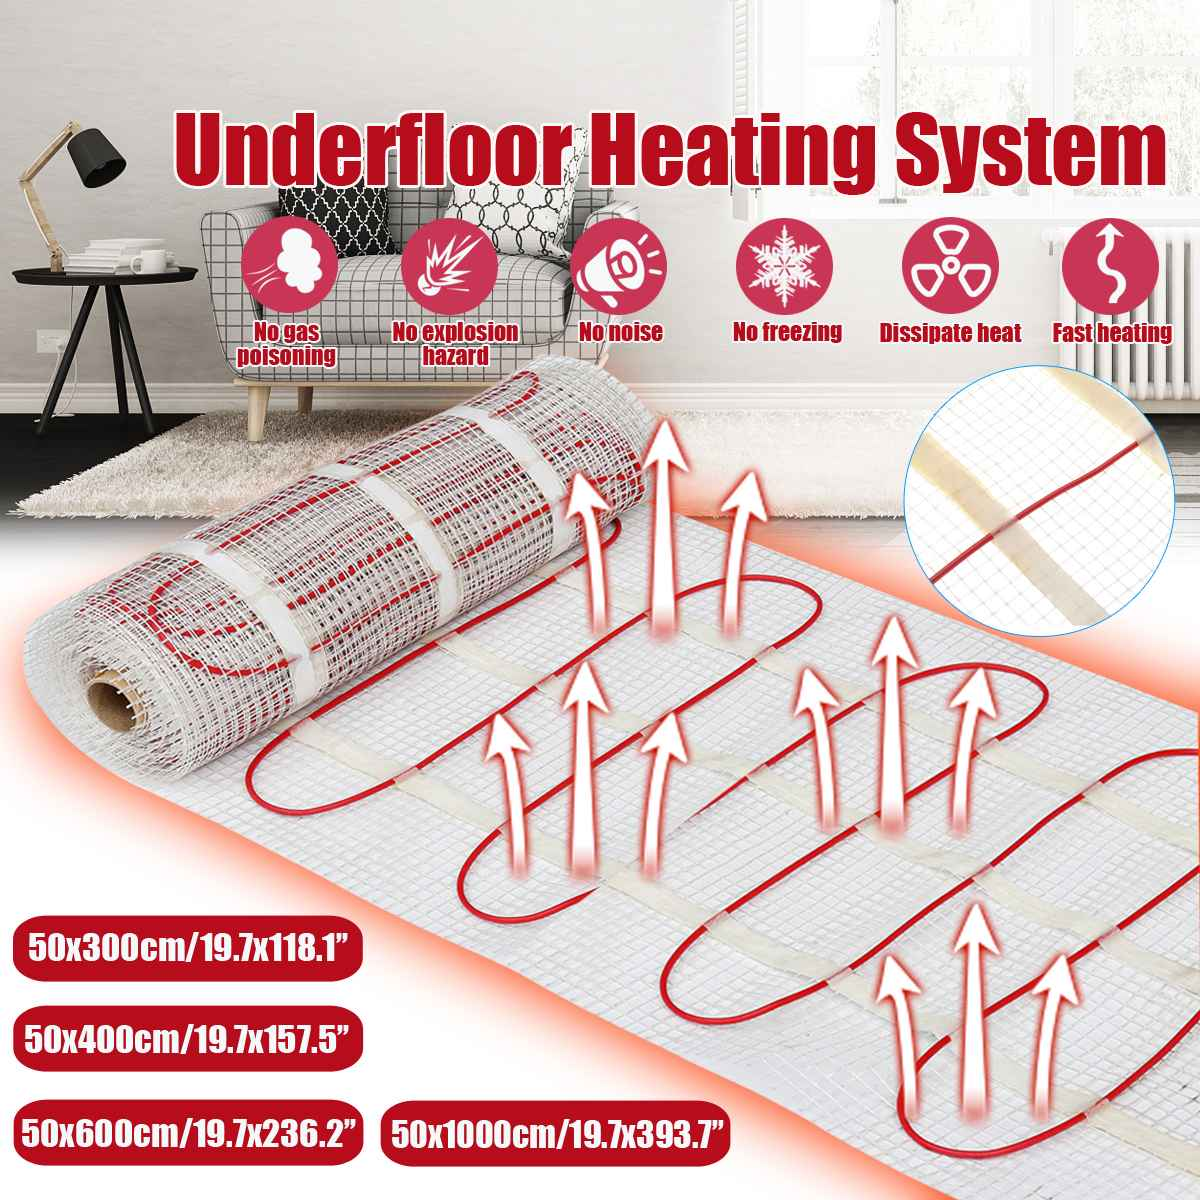 10 م سجادة تدفئة كهربائية توضع تحت الأرضية 150 ث/M2 50cmX10m تحت حصيرة الاحترار البلاط